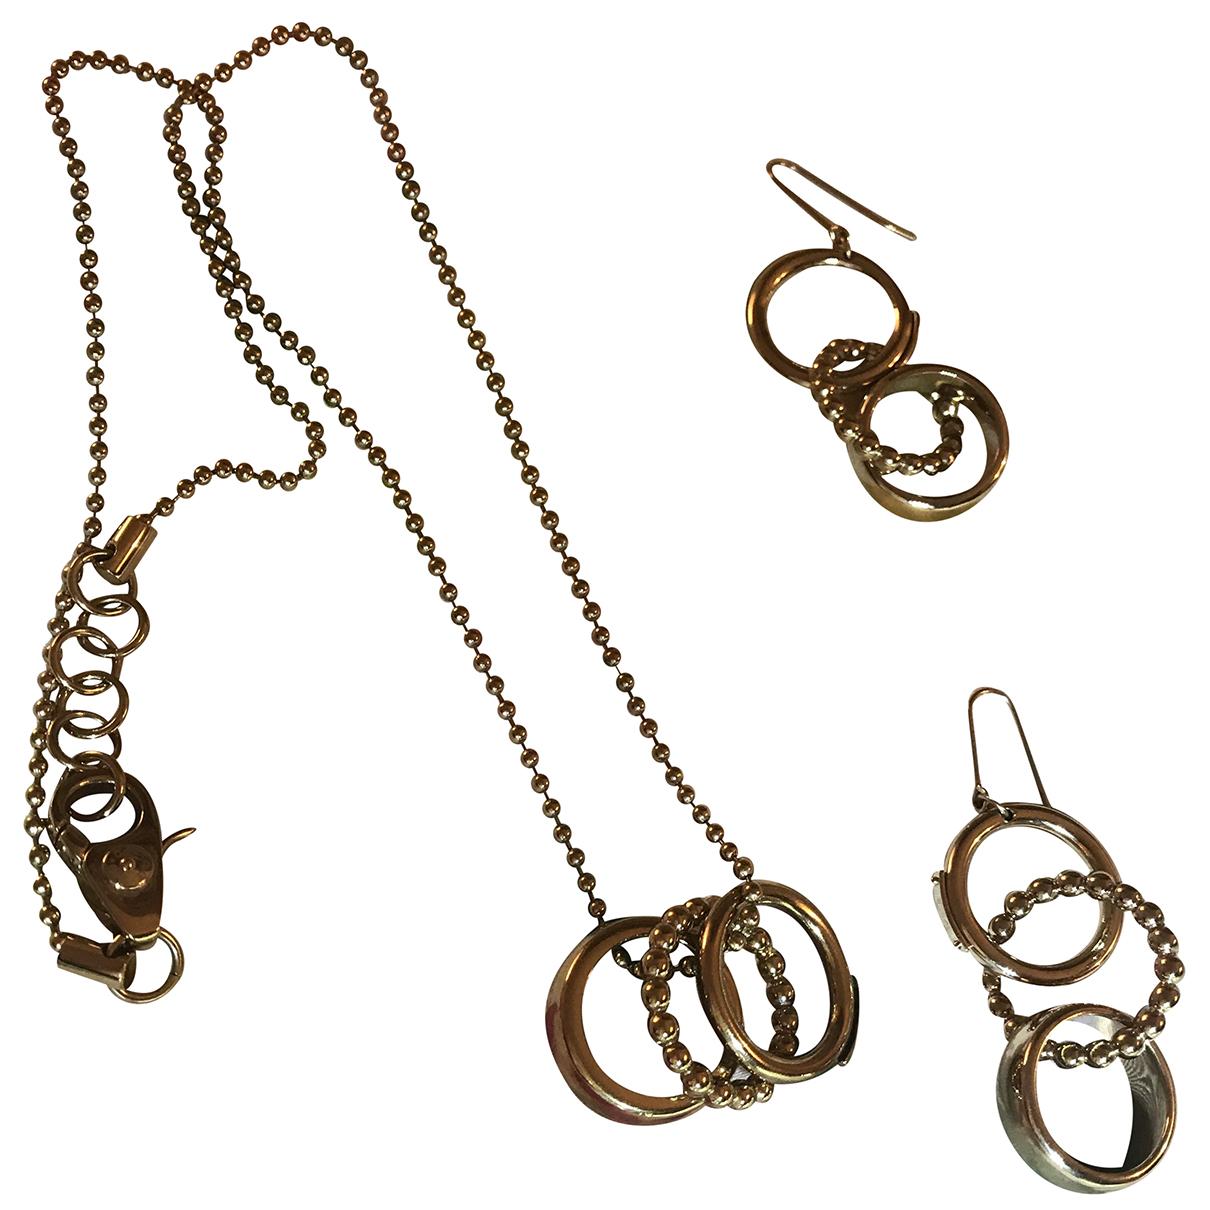 D&g \N Kette in Metall